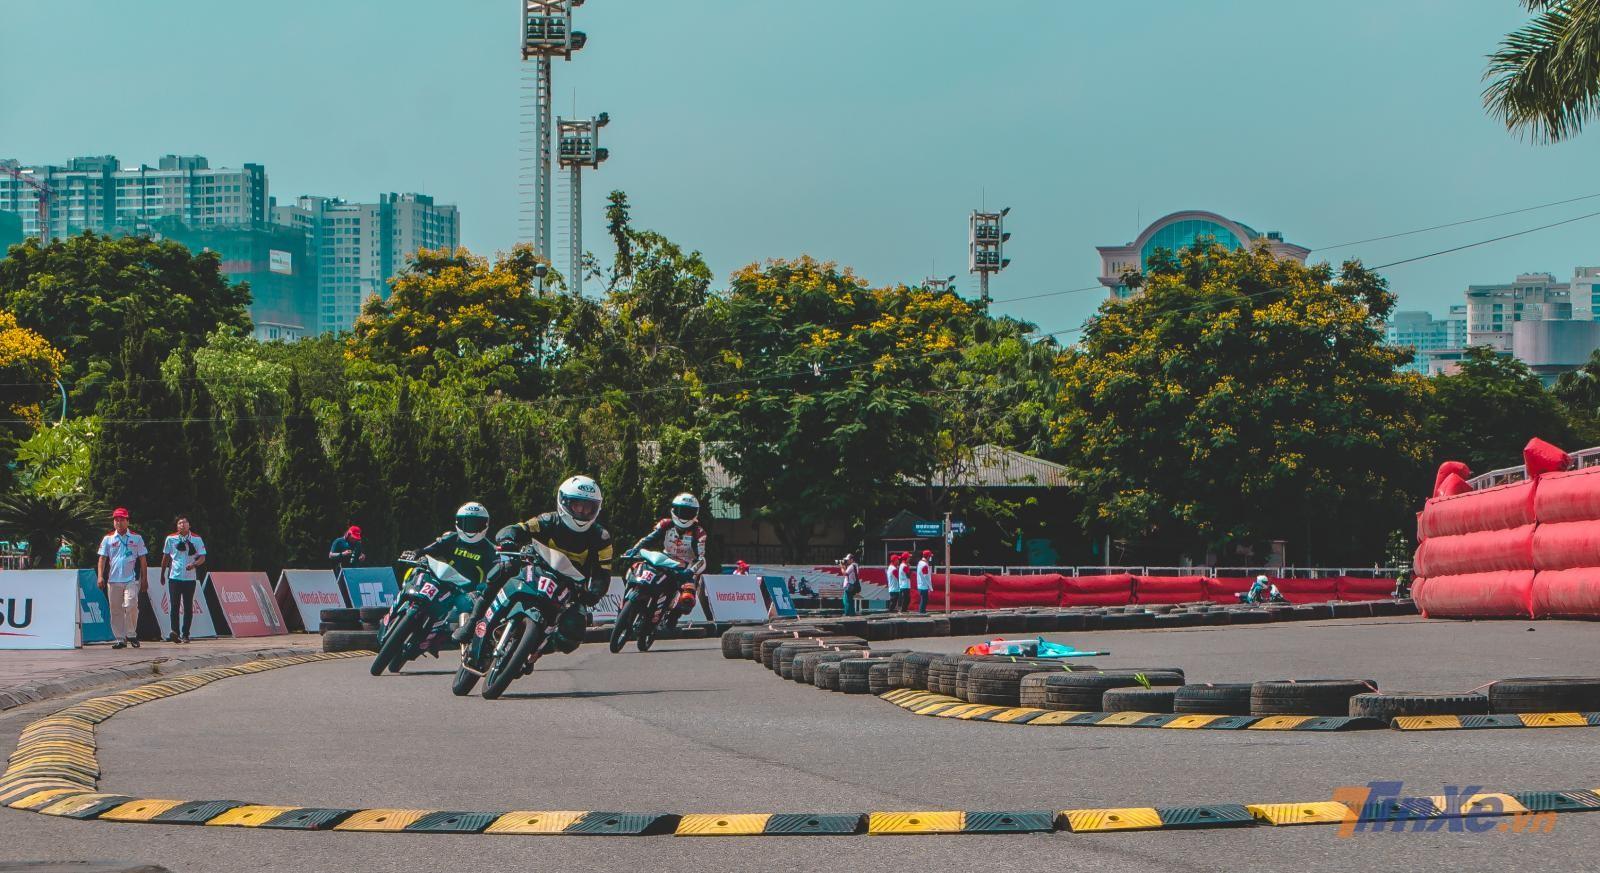 Chùm ảnh: Giải đua VMRC 2019 lần đầu tiên được tổ chức tại Hà Nội - 1